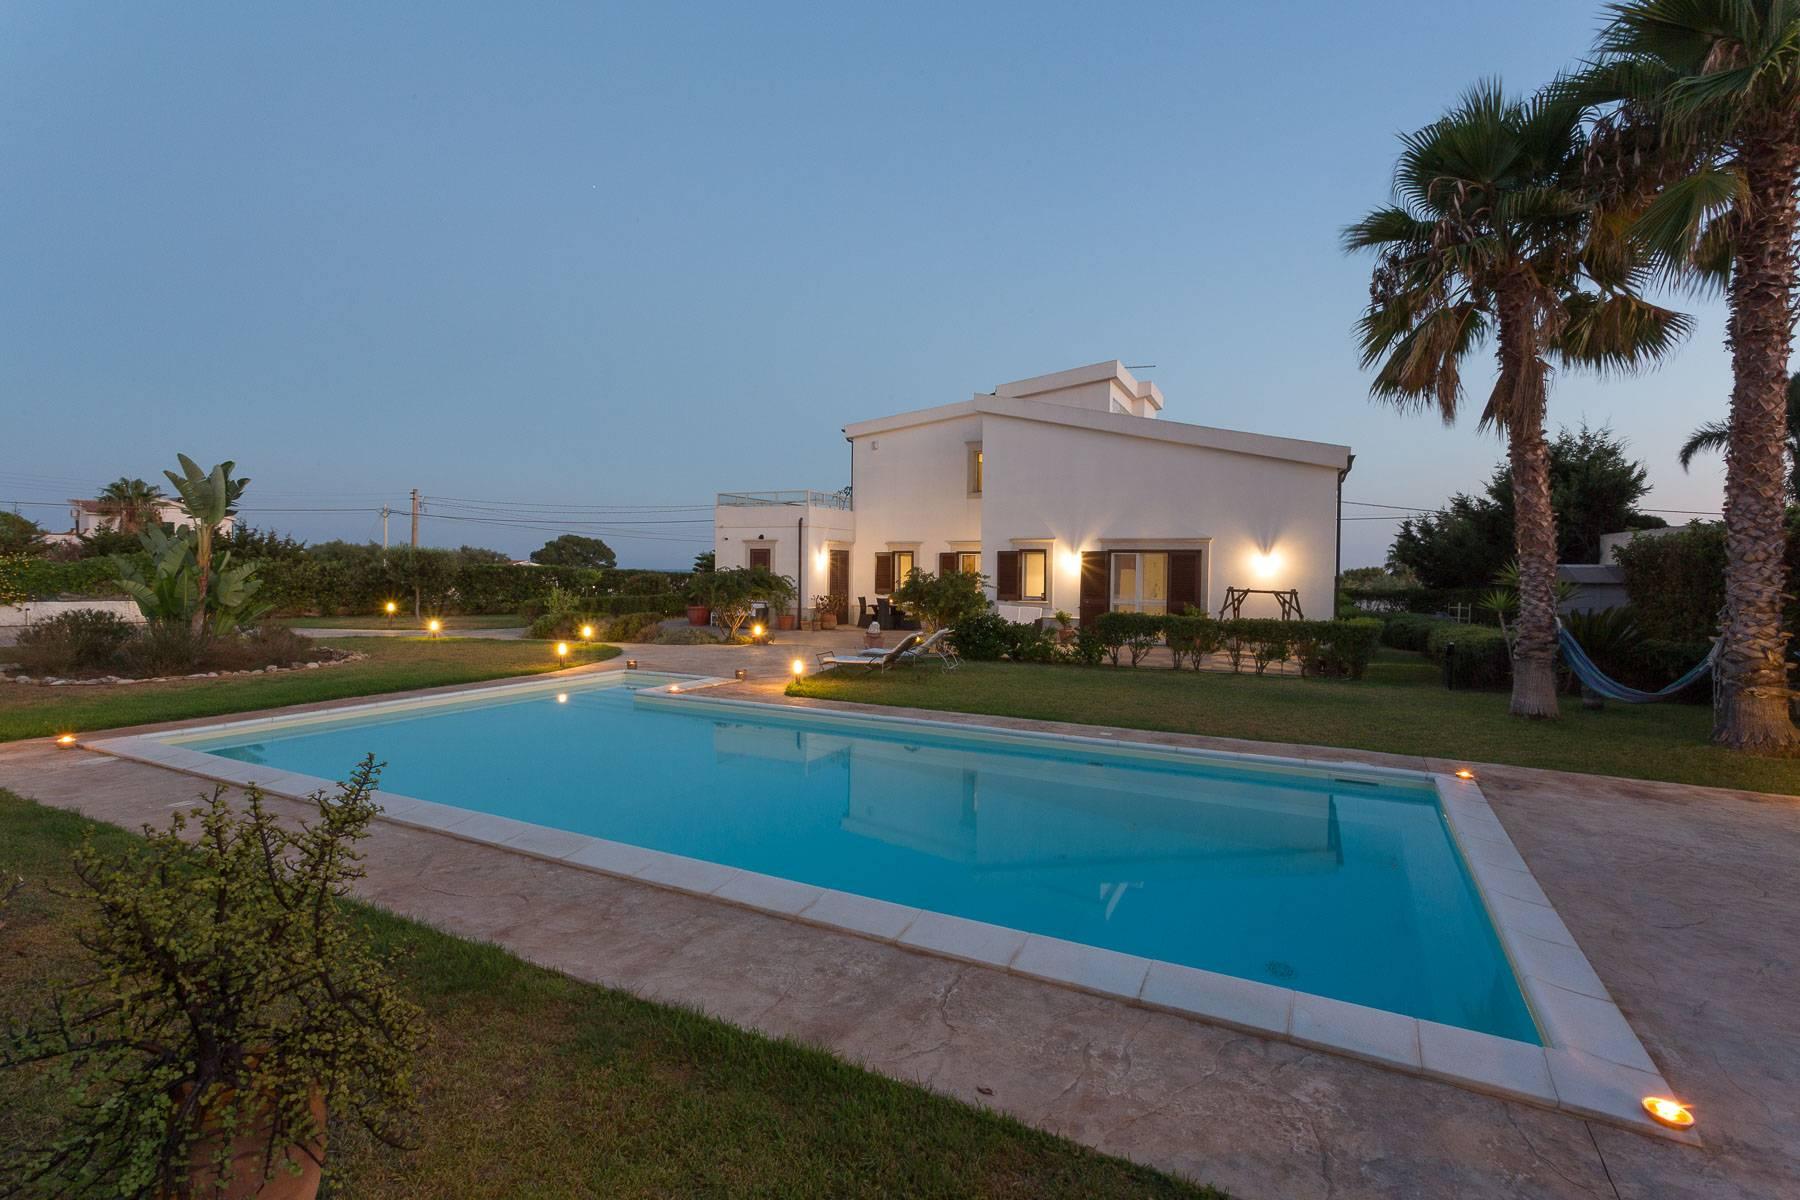 Villa in Vendita a Siracusa: 5 locali, 200 mq - Foto 21